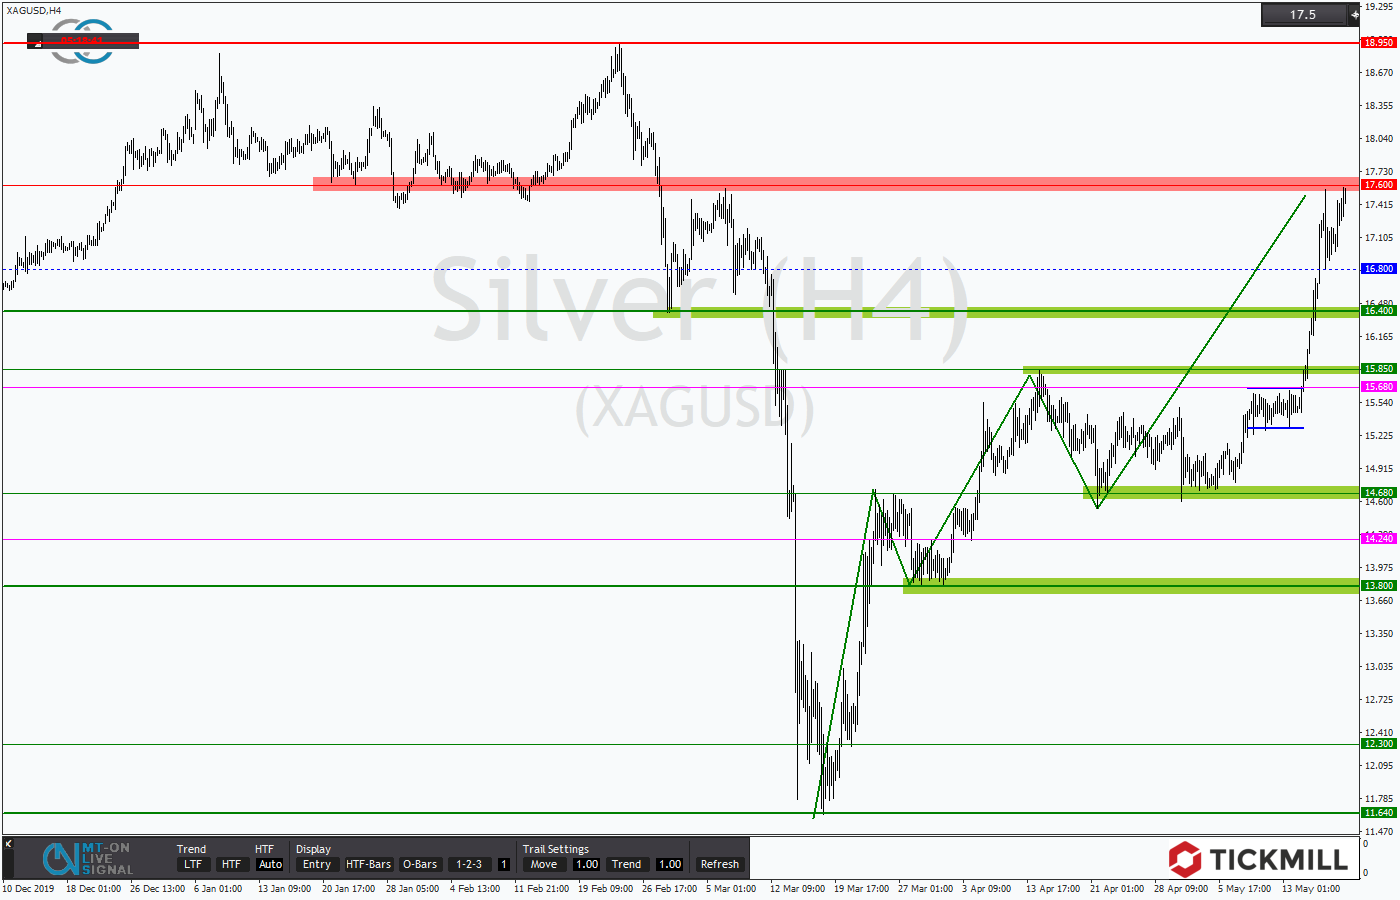 Tickmill-Analyse: Silber in Aufwärtstrend